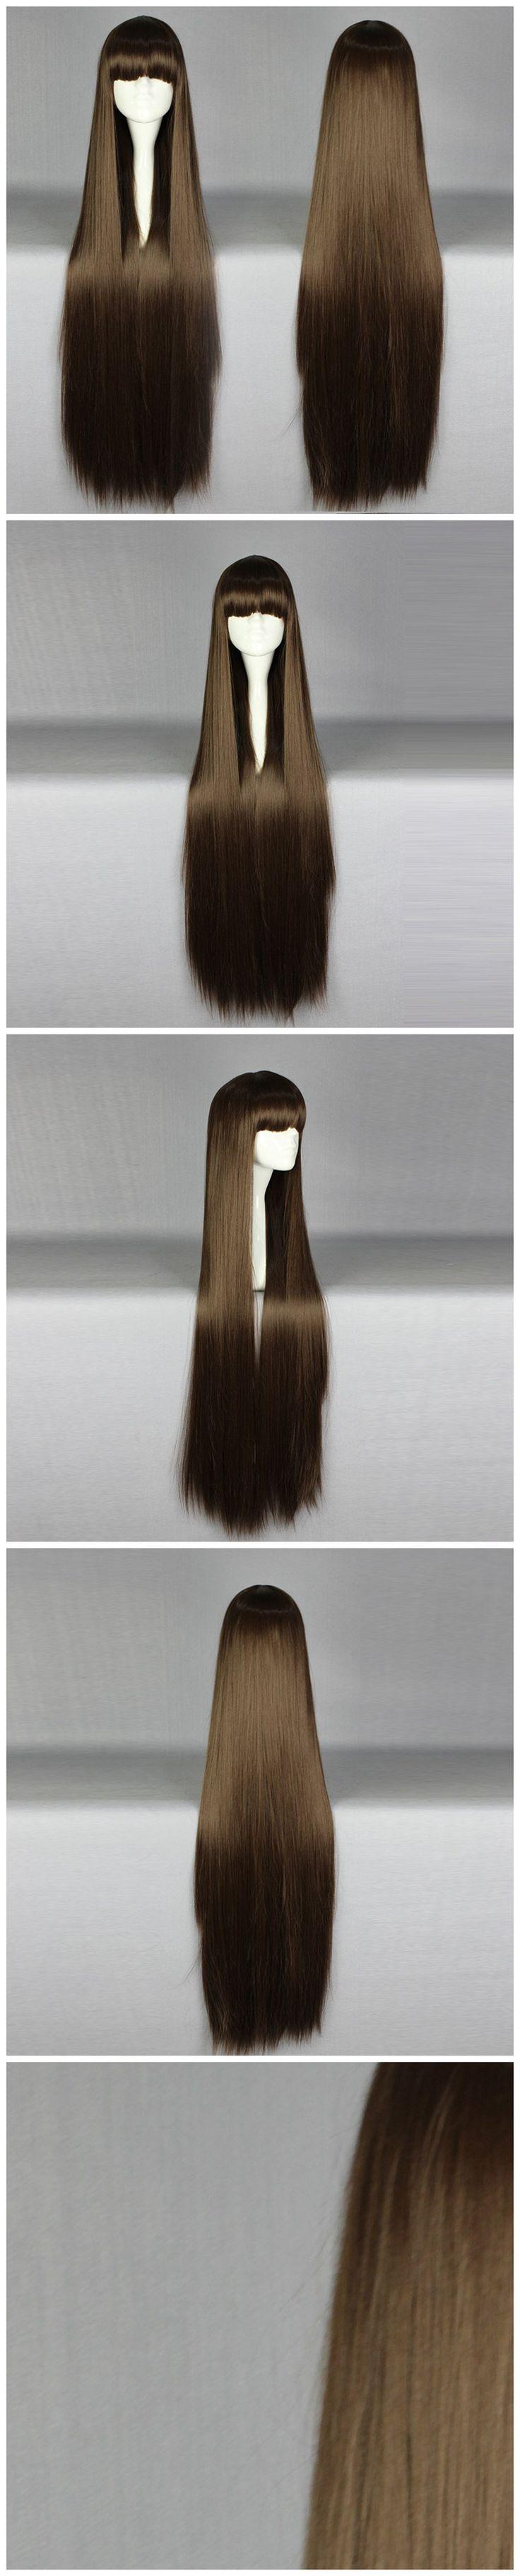 Ваш Стиль Прямо Длинные Коричневые Парики Из Натуральных Волос Женщины Синтетические Поддельные Волосы Высокая Температура Волокна купить на AliExpress